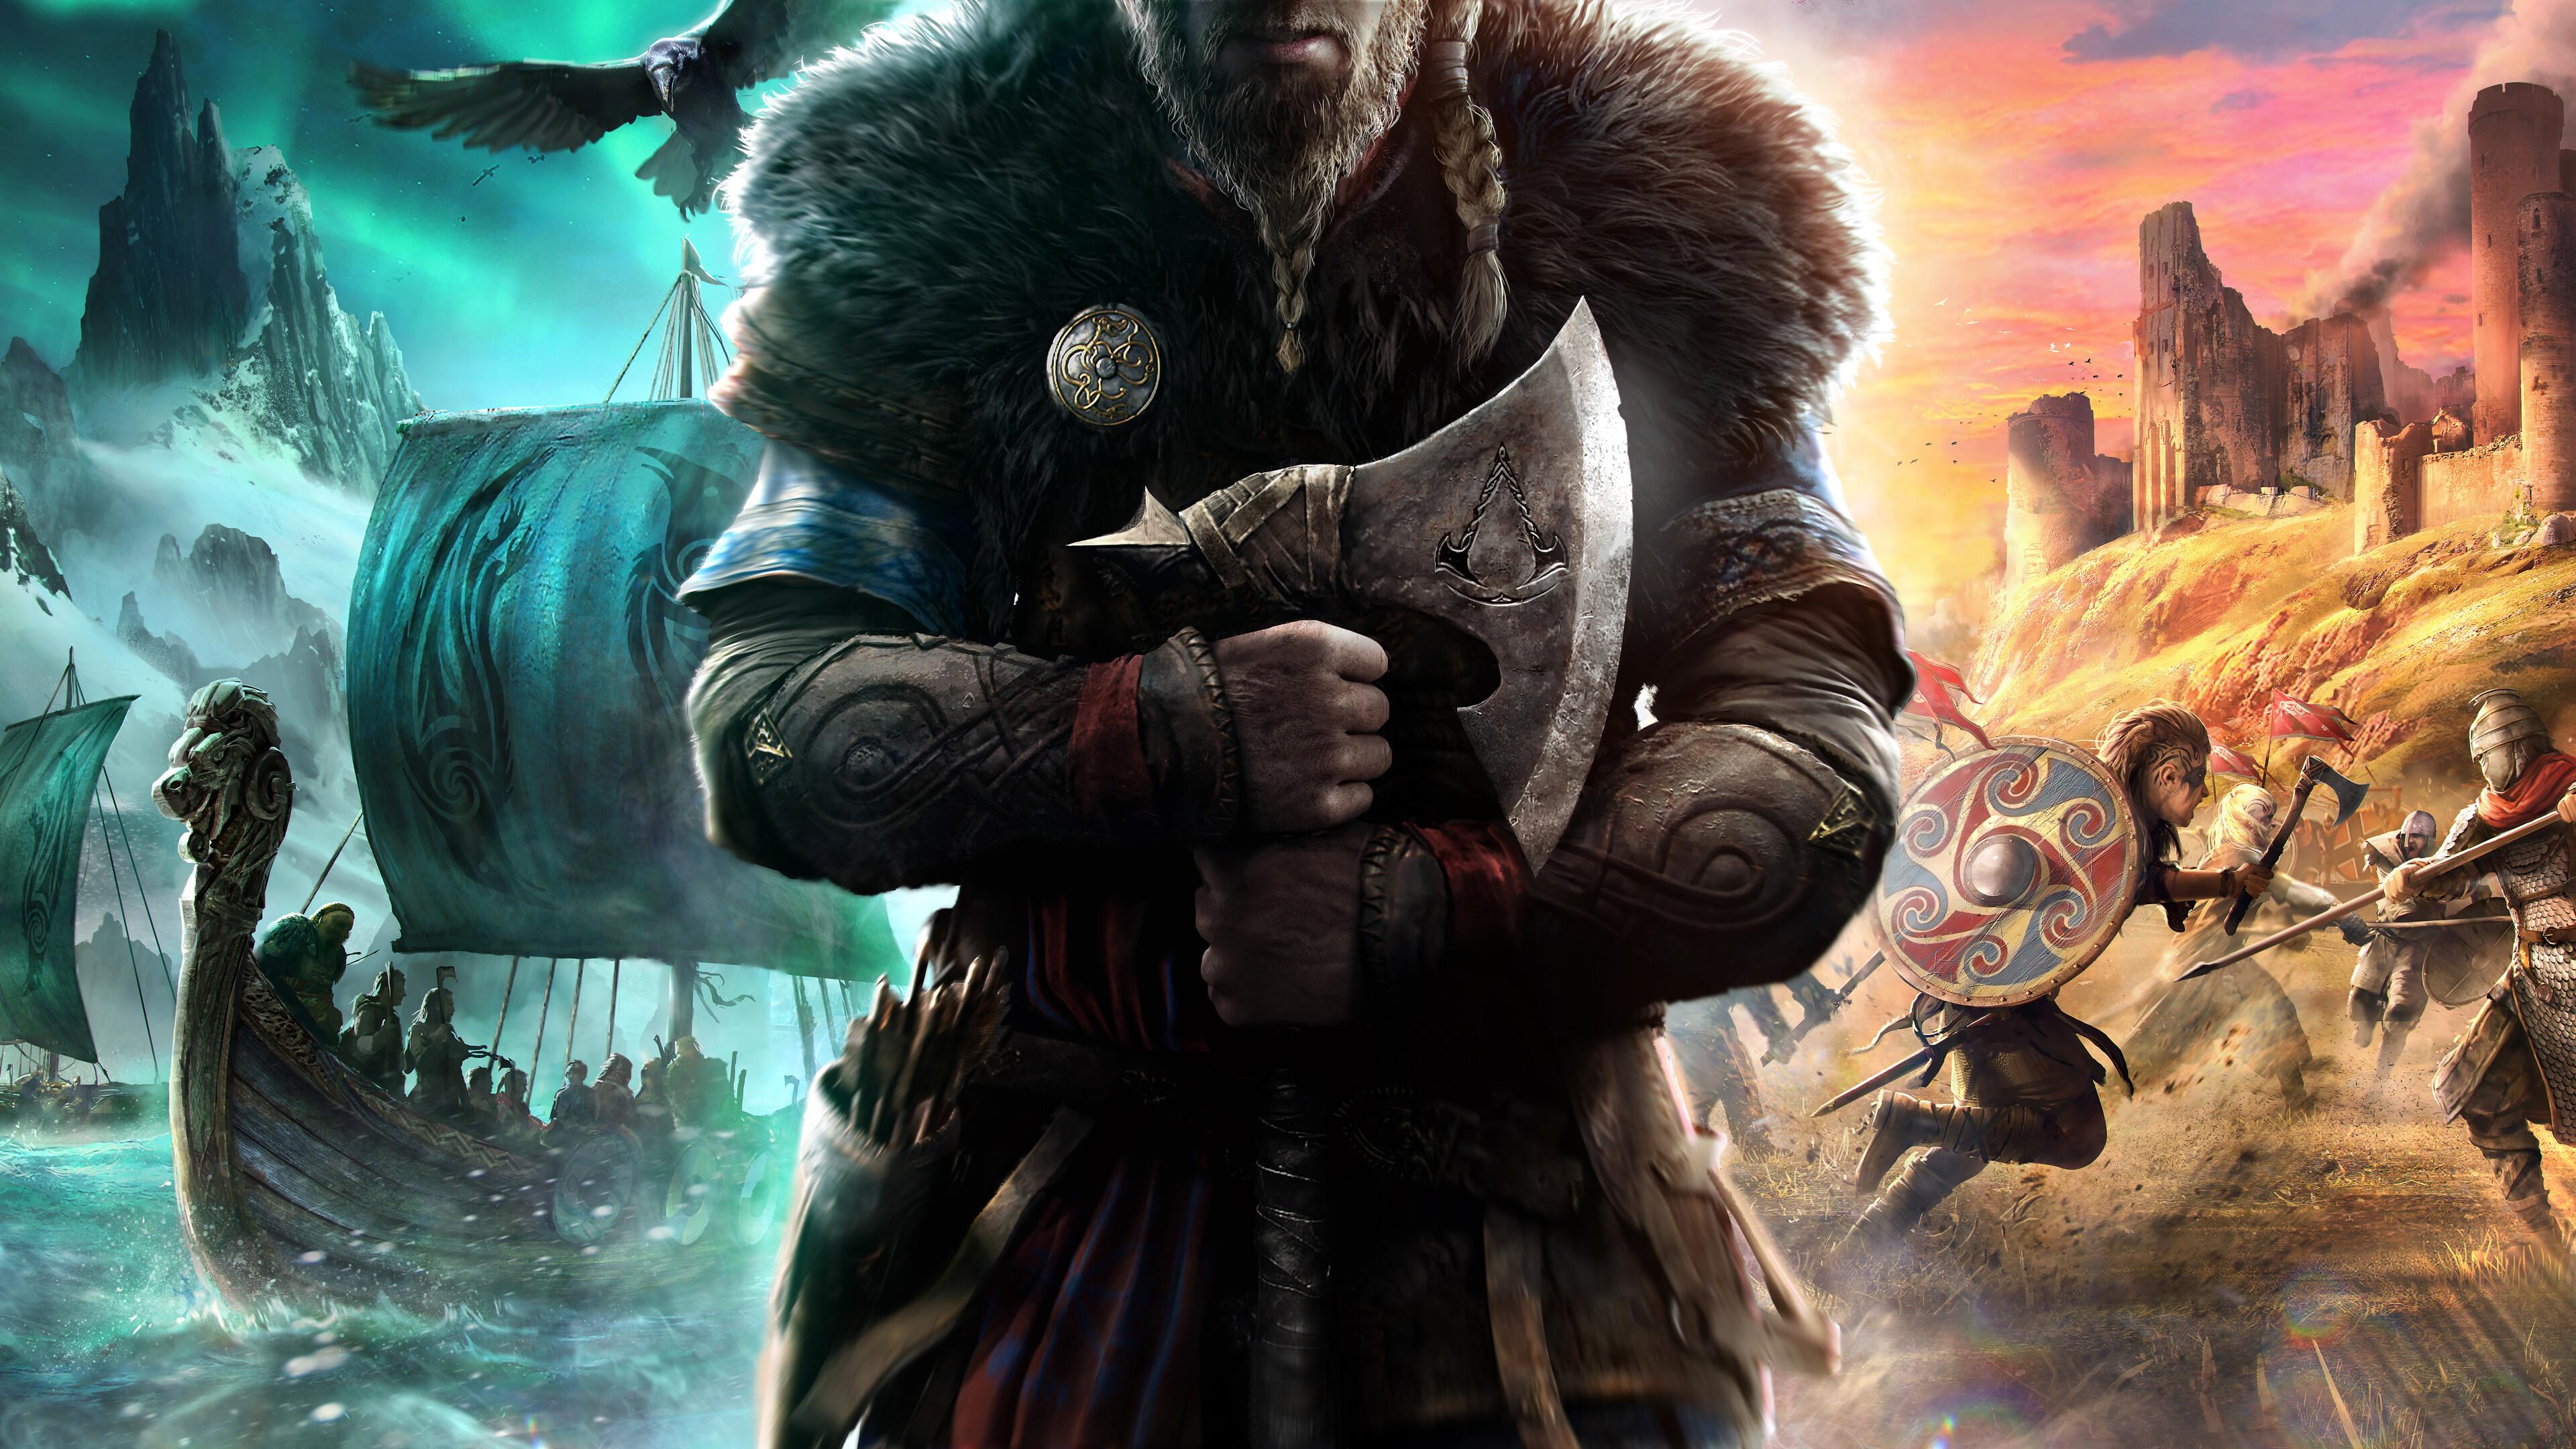 Assassins Creed Valhalla 8K Wallpaper 71958 3840x2160